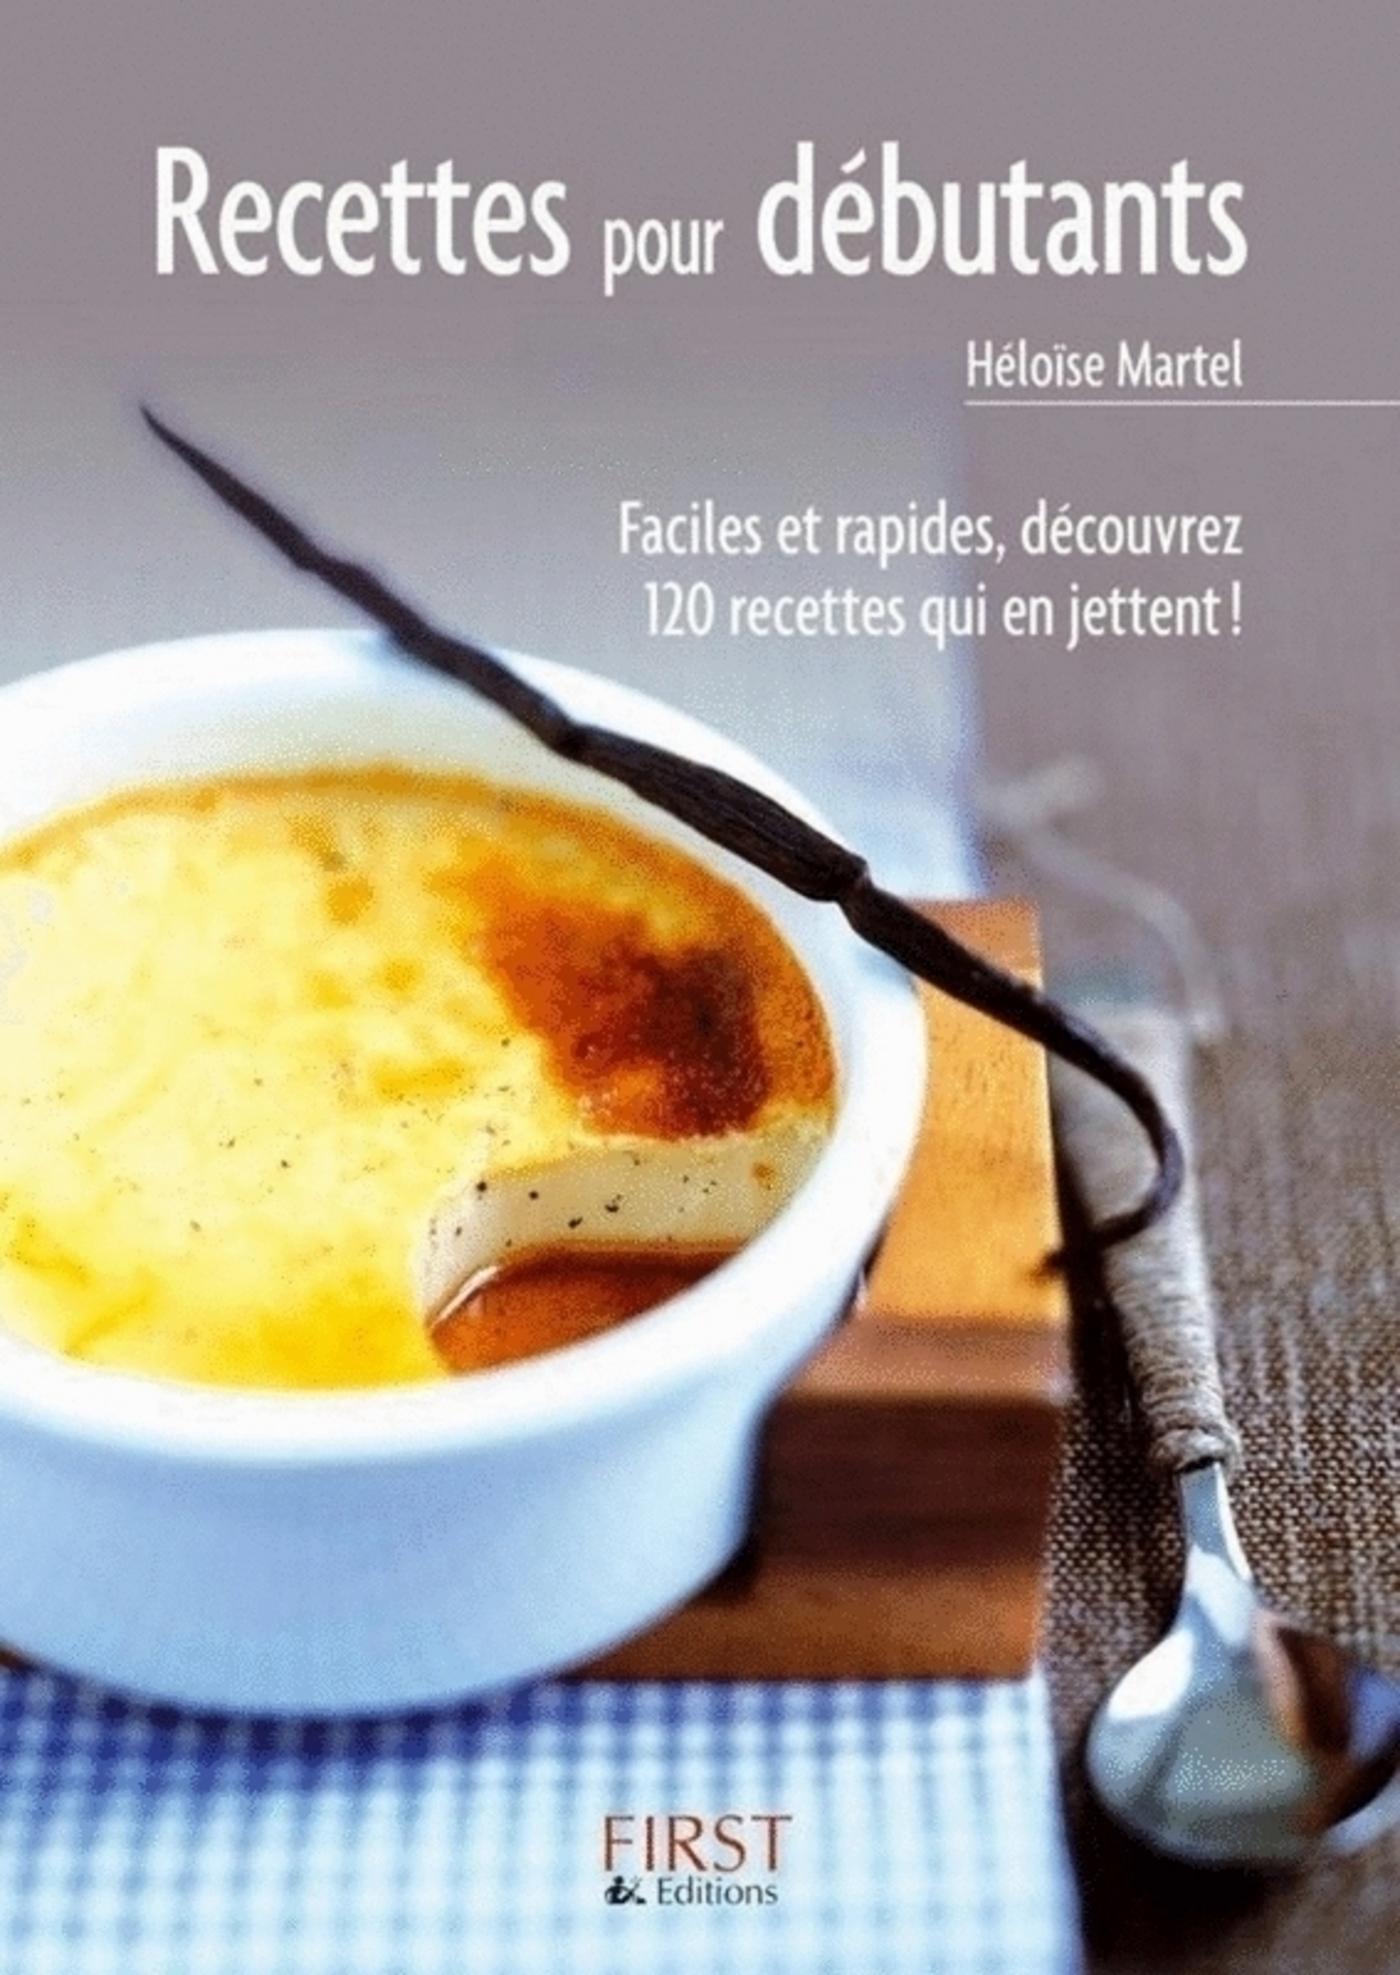 Le Petit Livre des recettes pour débutants